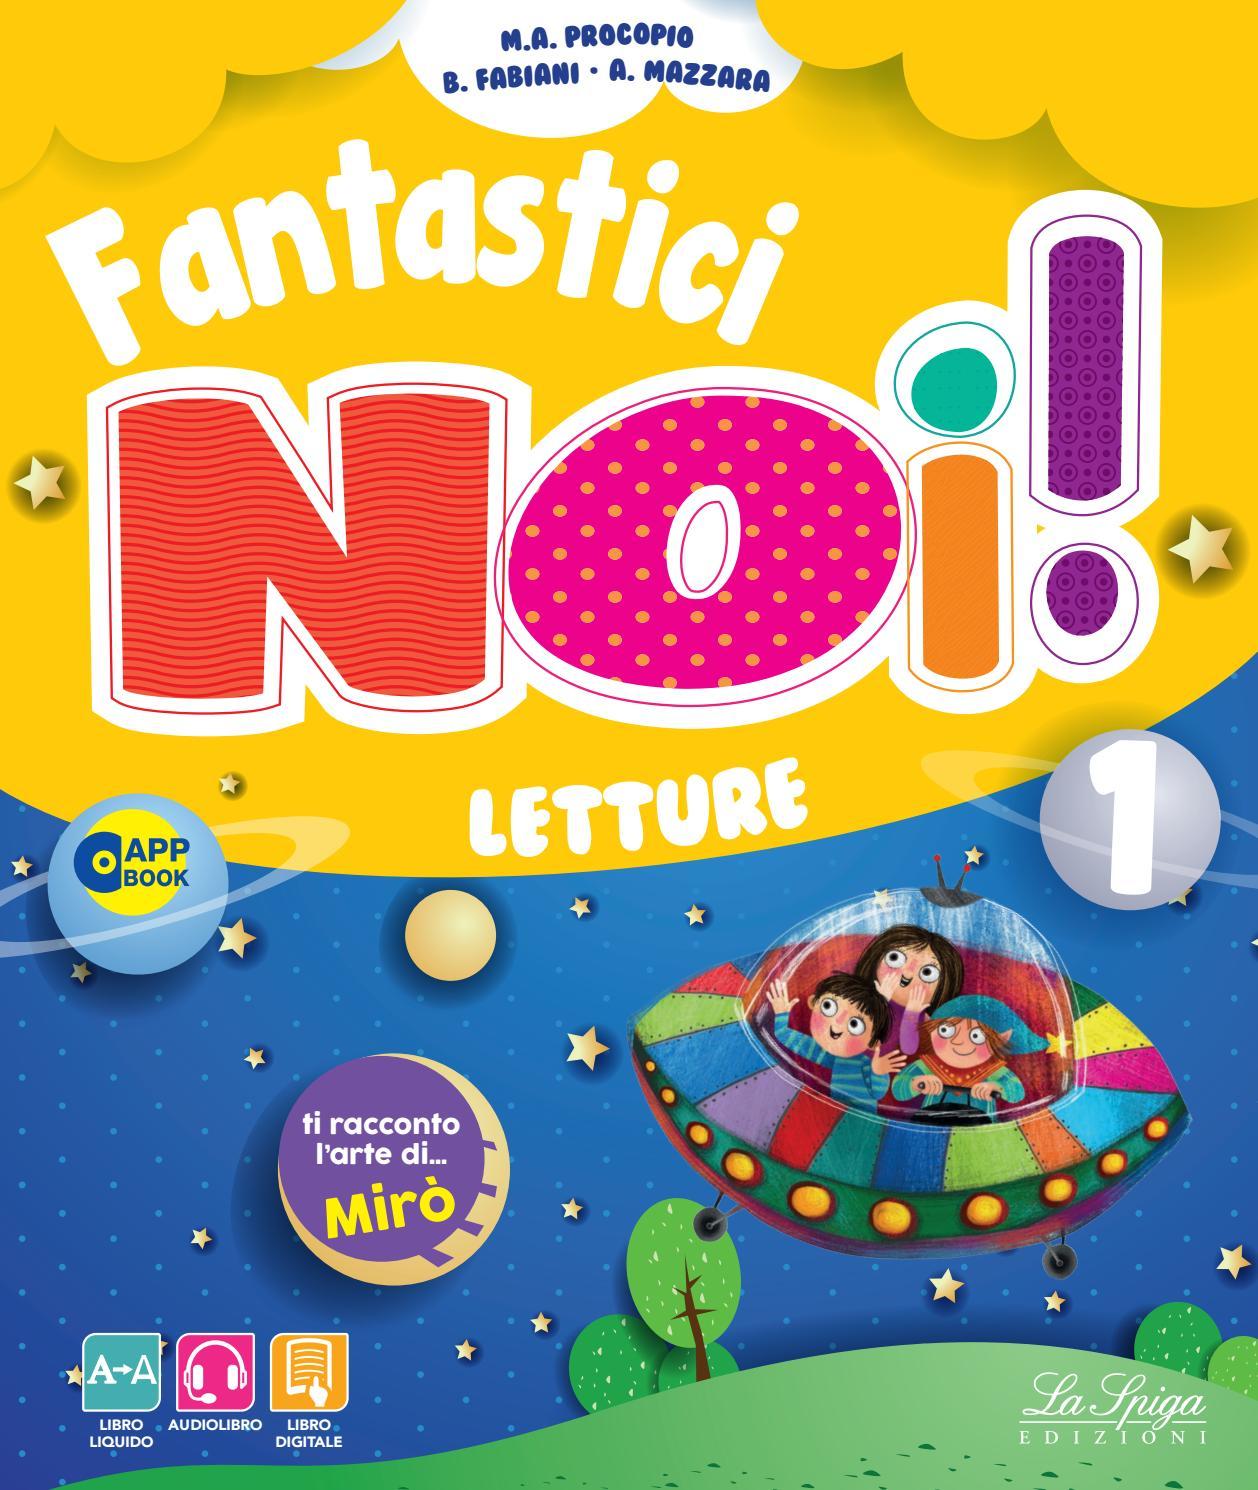 Fantastici Noi Letture By Eli Publishing Issuu